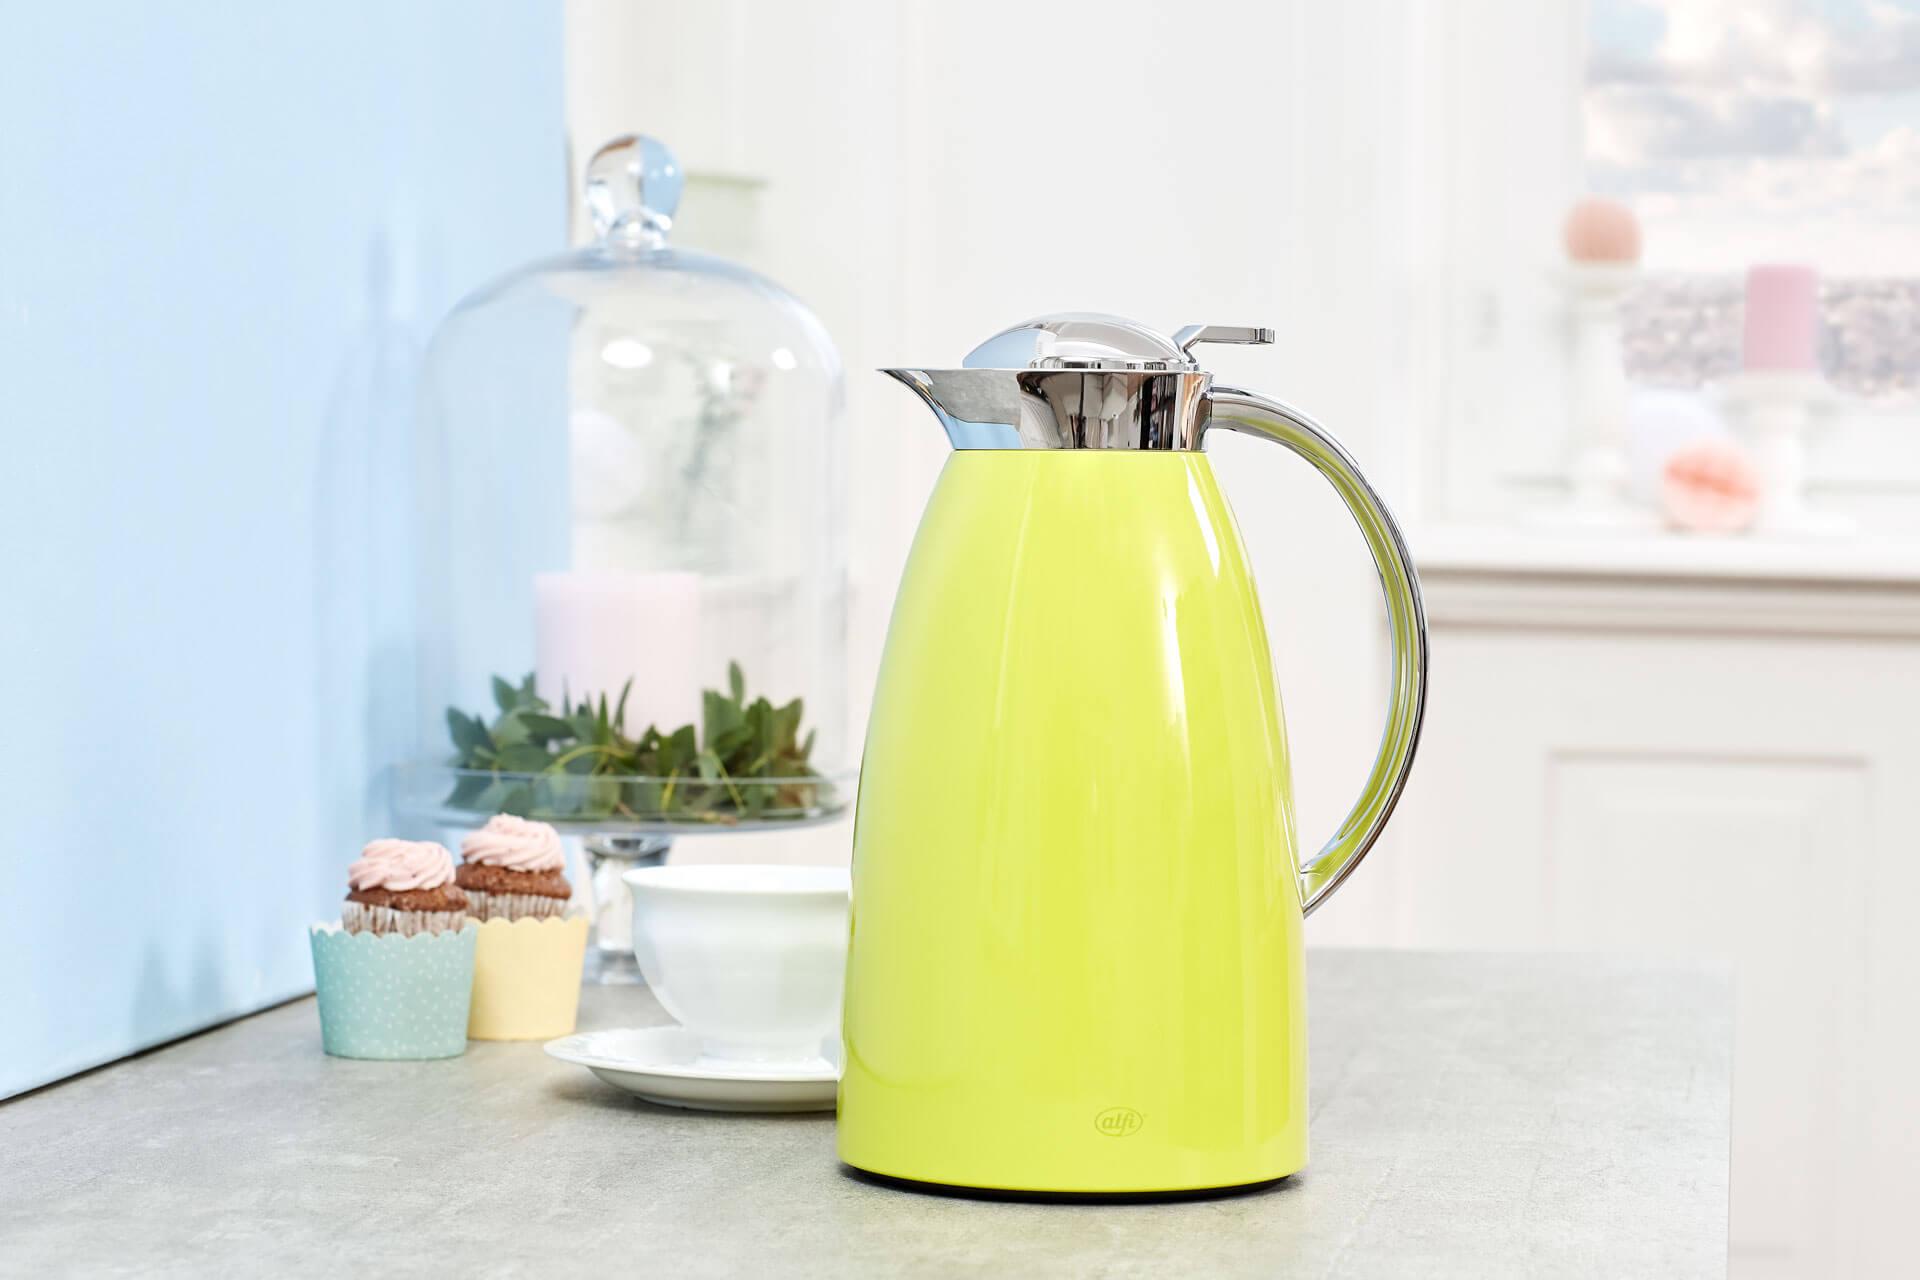 Markteinführung der grünen Gusto von alfi: Kanne in frischer Farbe auf Sideboard vor Kaffeetasse und Muffins.